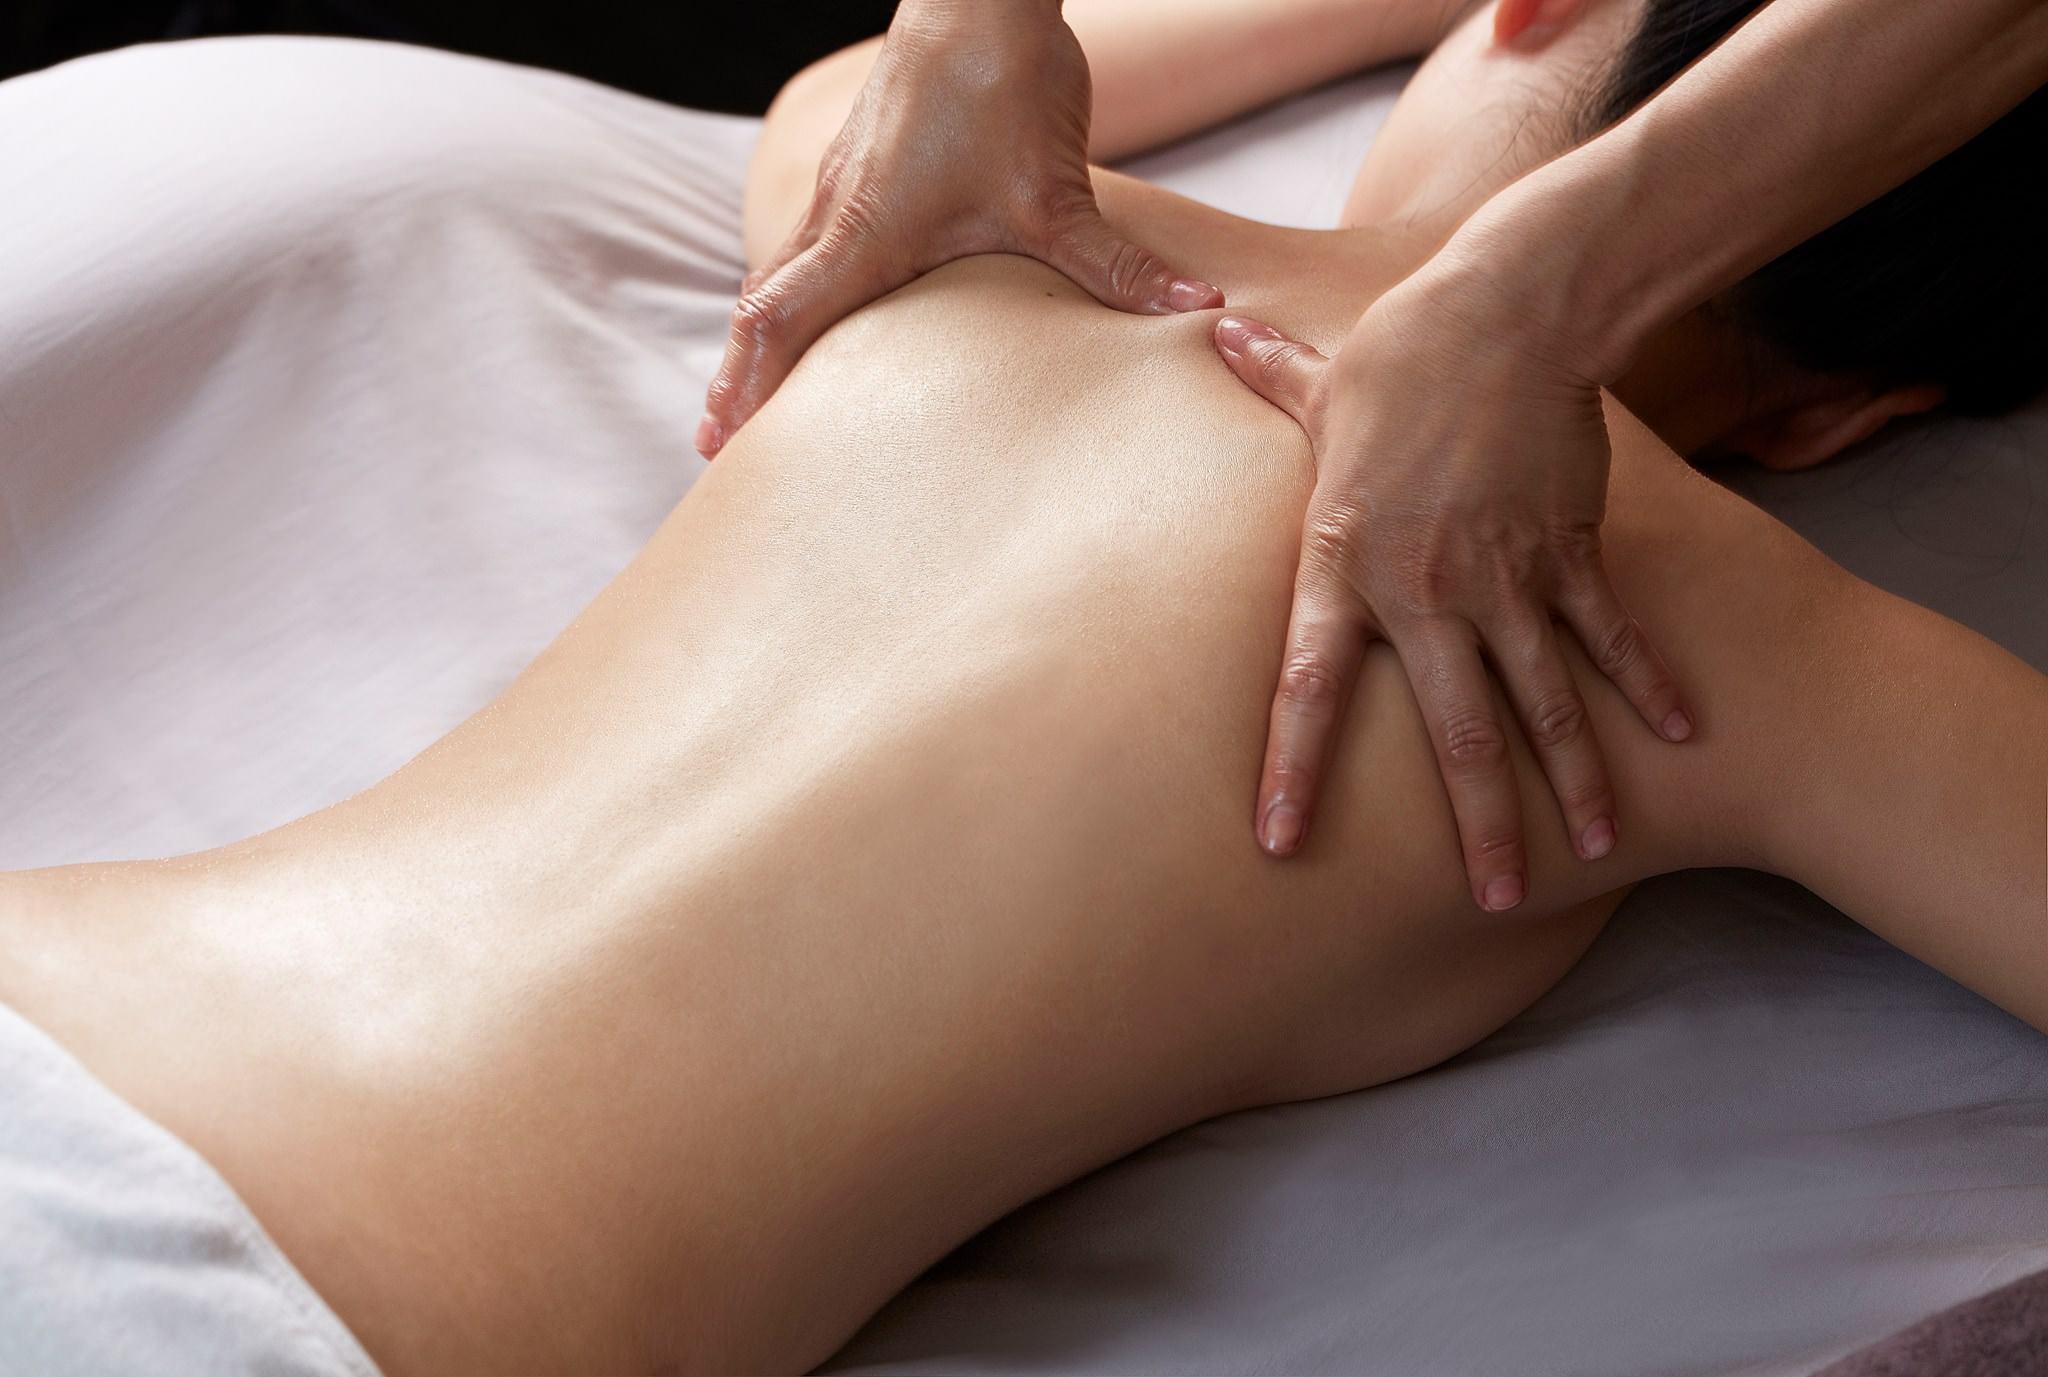 台北按摩推薦|隱舍精油覺醒SPA,背部放鬆膀胱經大掃除,感受全面疏通後的輕盈感